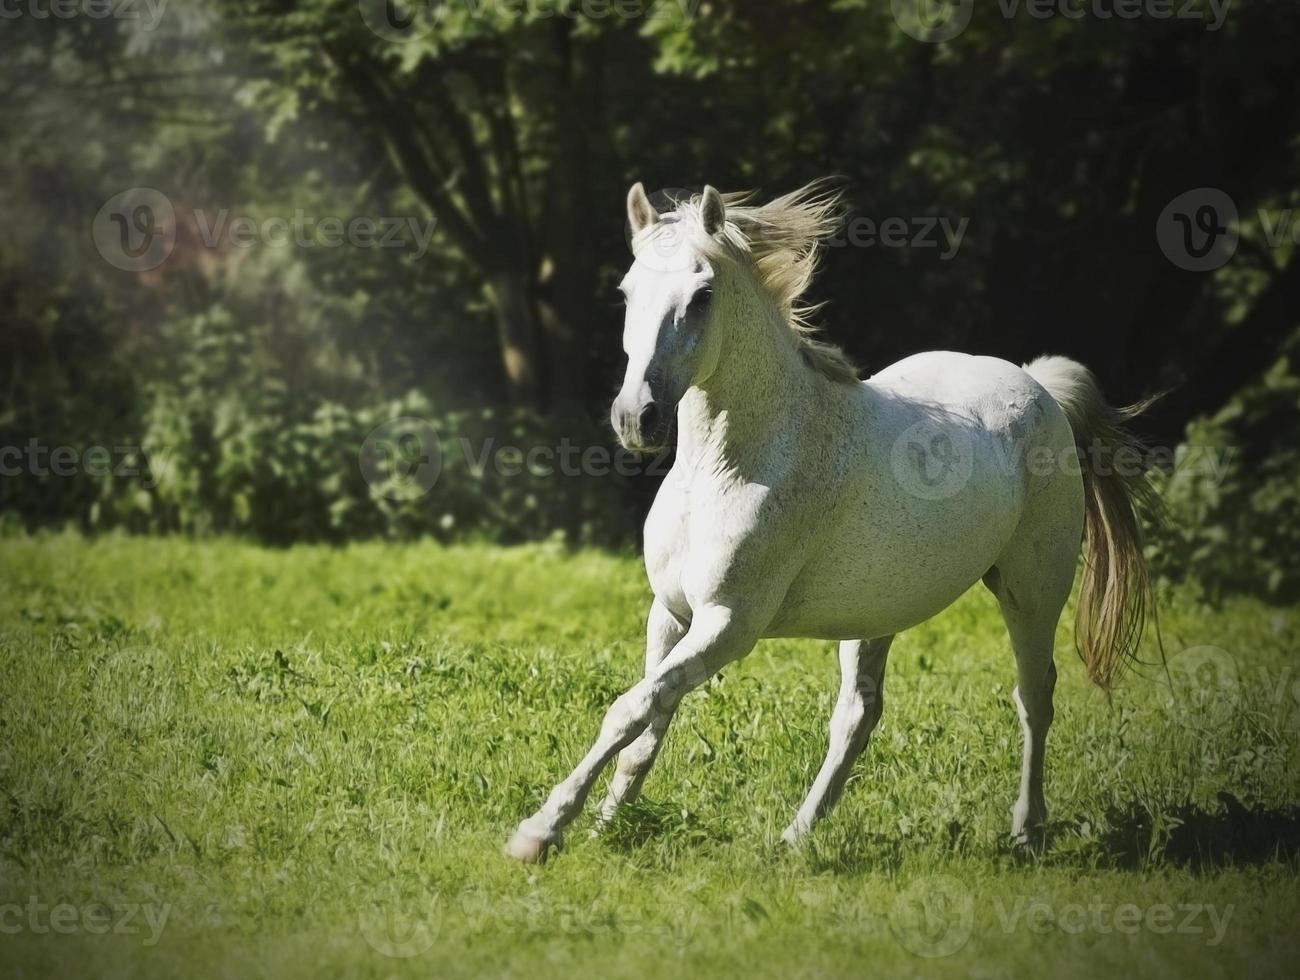 White Arabian Horse Running In Nature Stock Photo